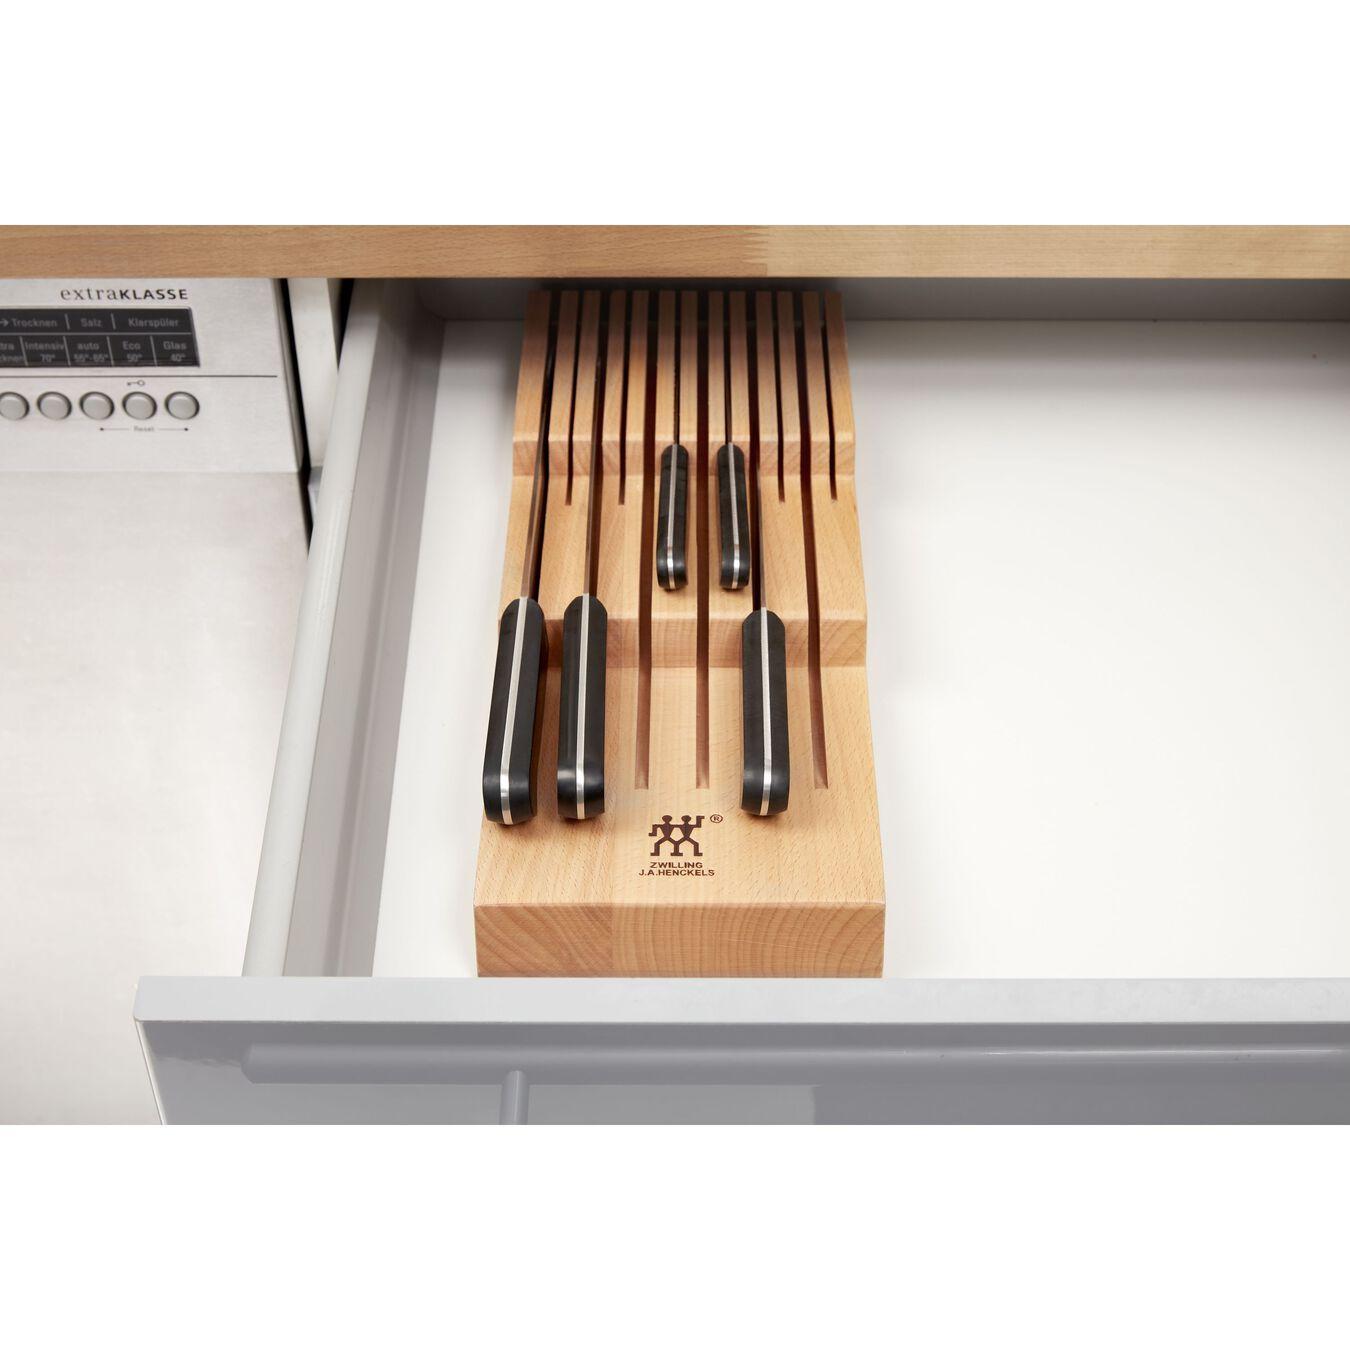 Schubladeneinsatz, bis zu 12 Messer, Buche,,large 5